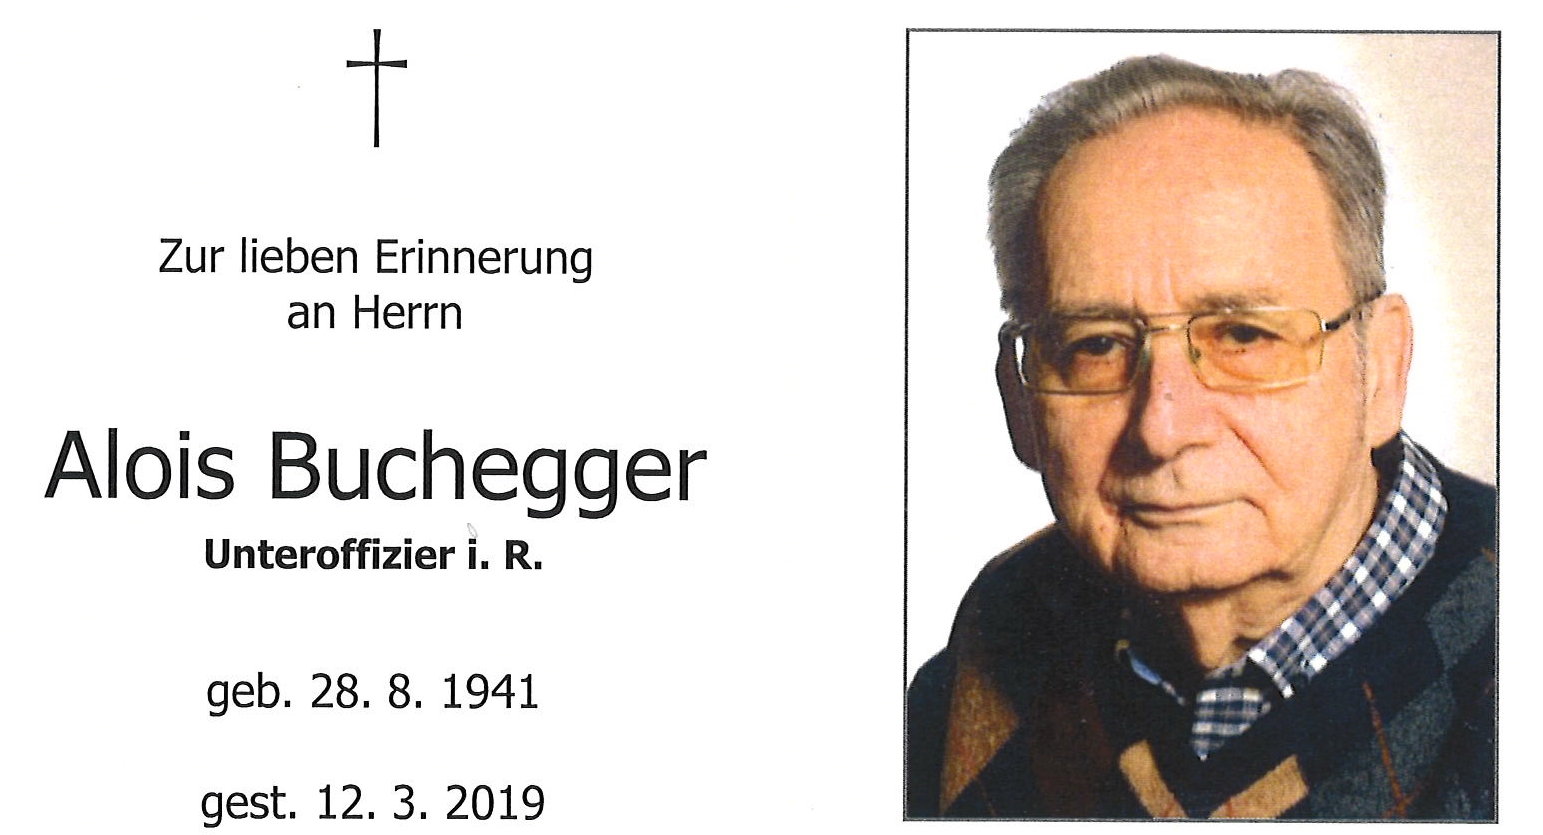 Alois Buchegger